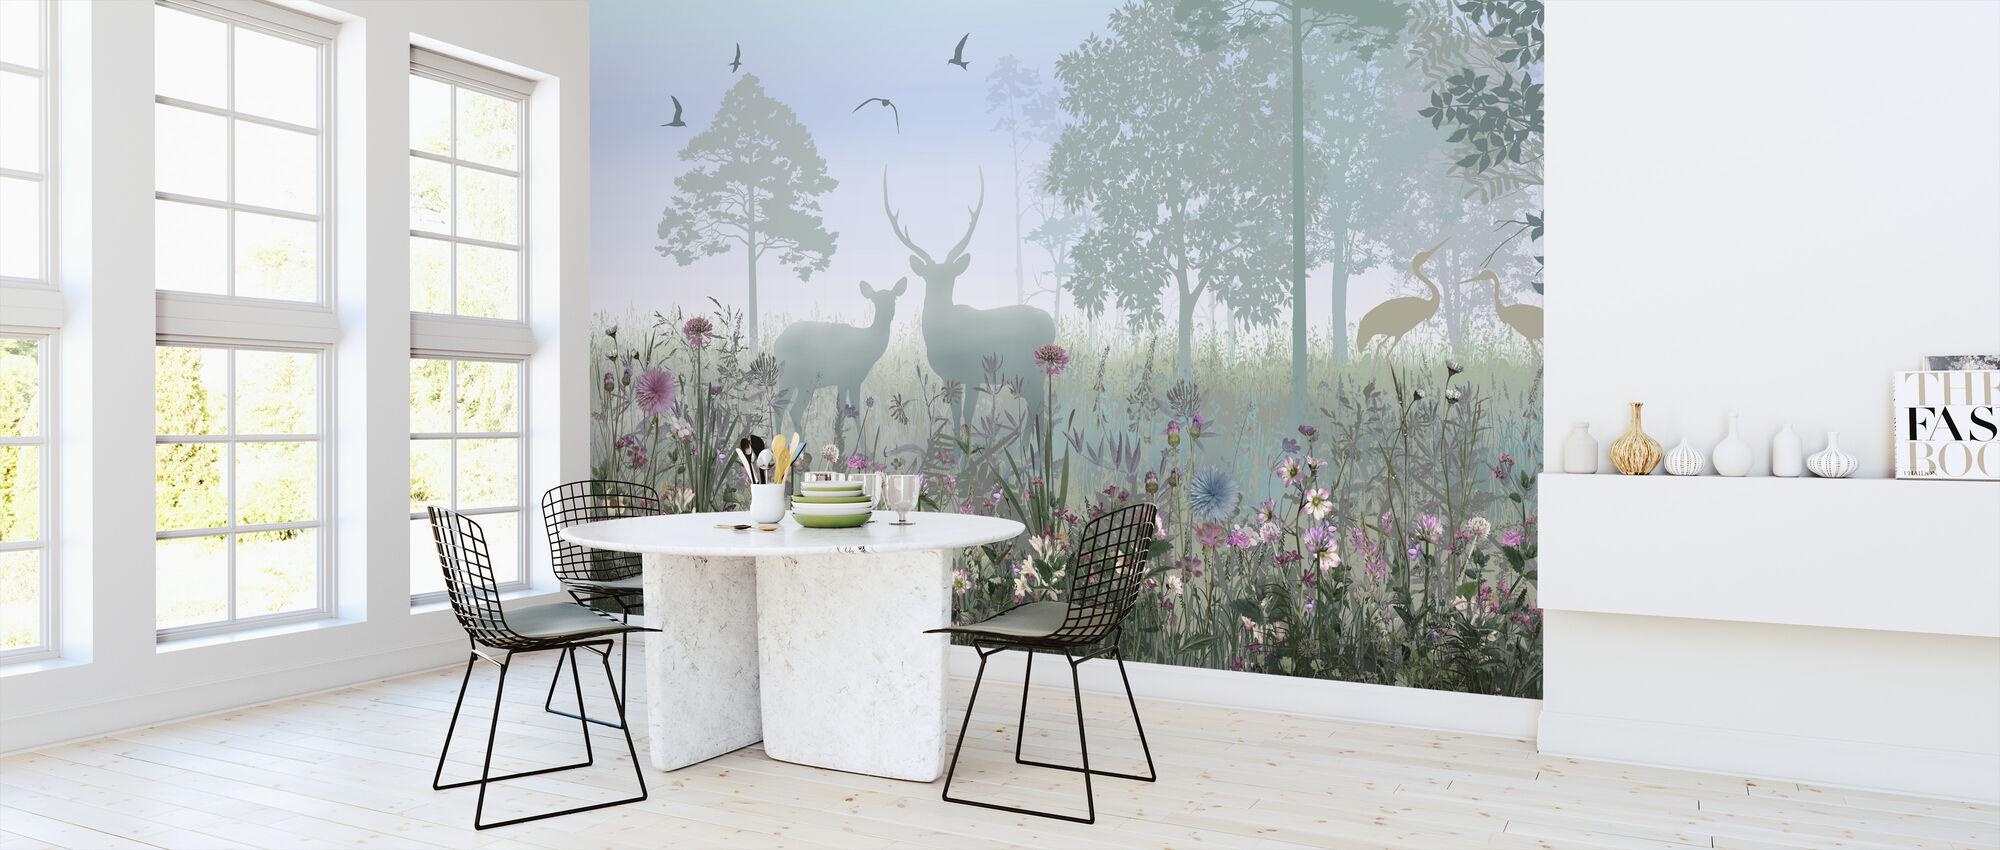 Animals in Hazy Forest - Wallpaper - Kitchen